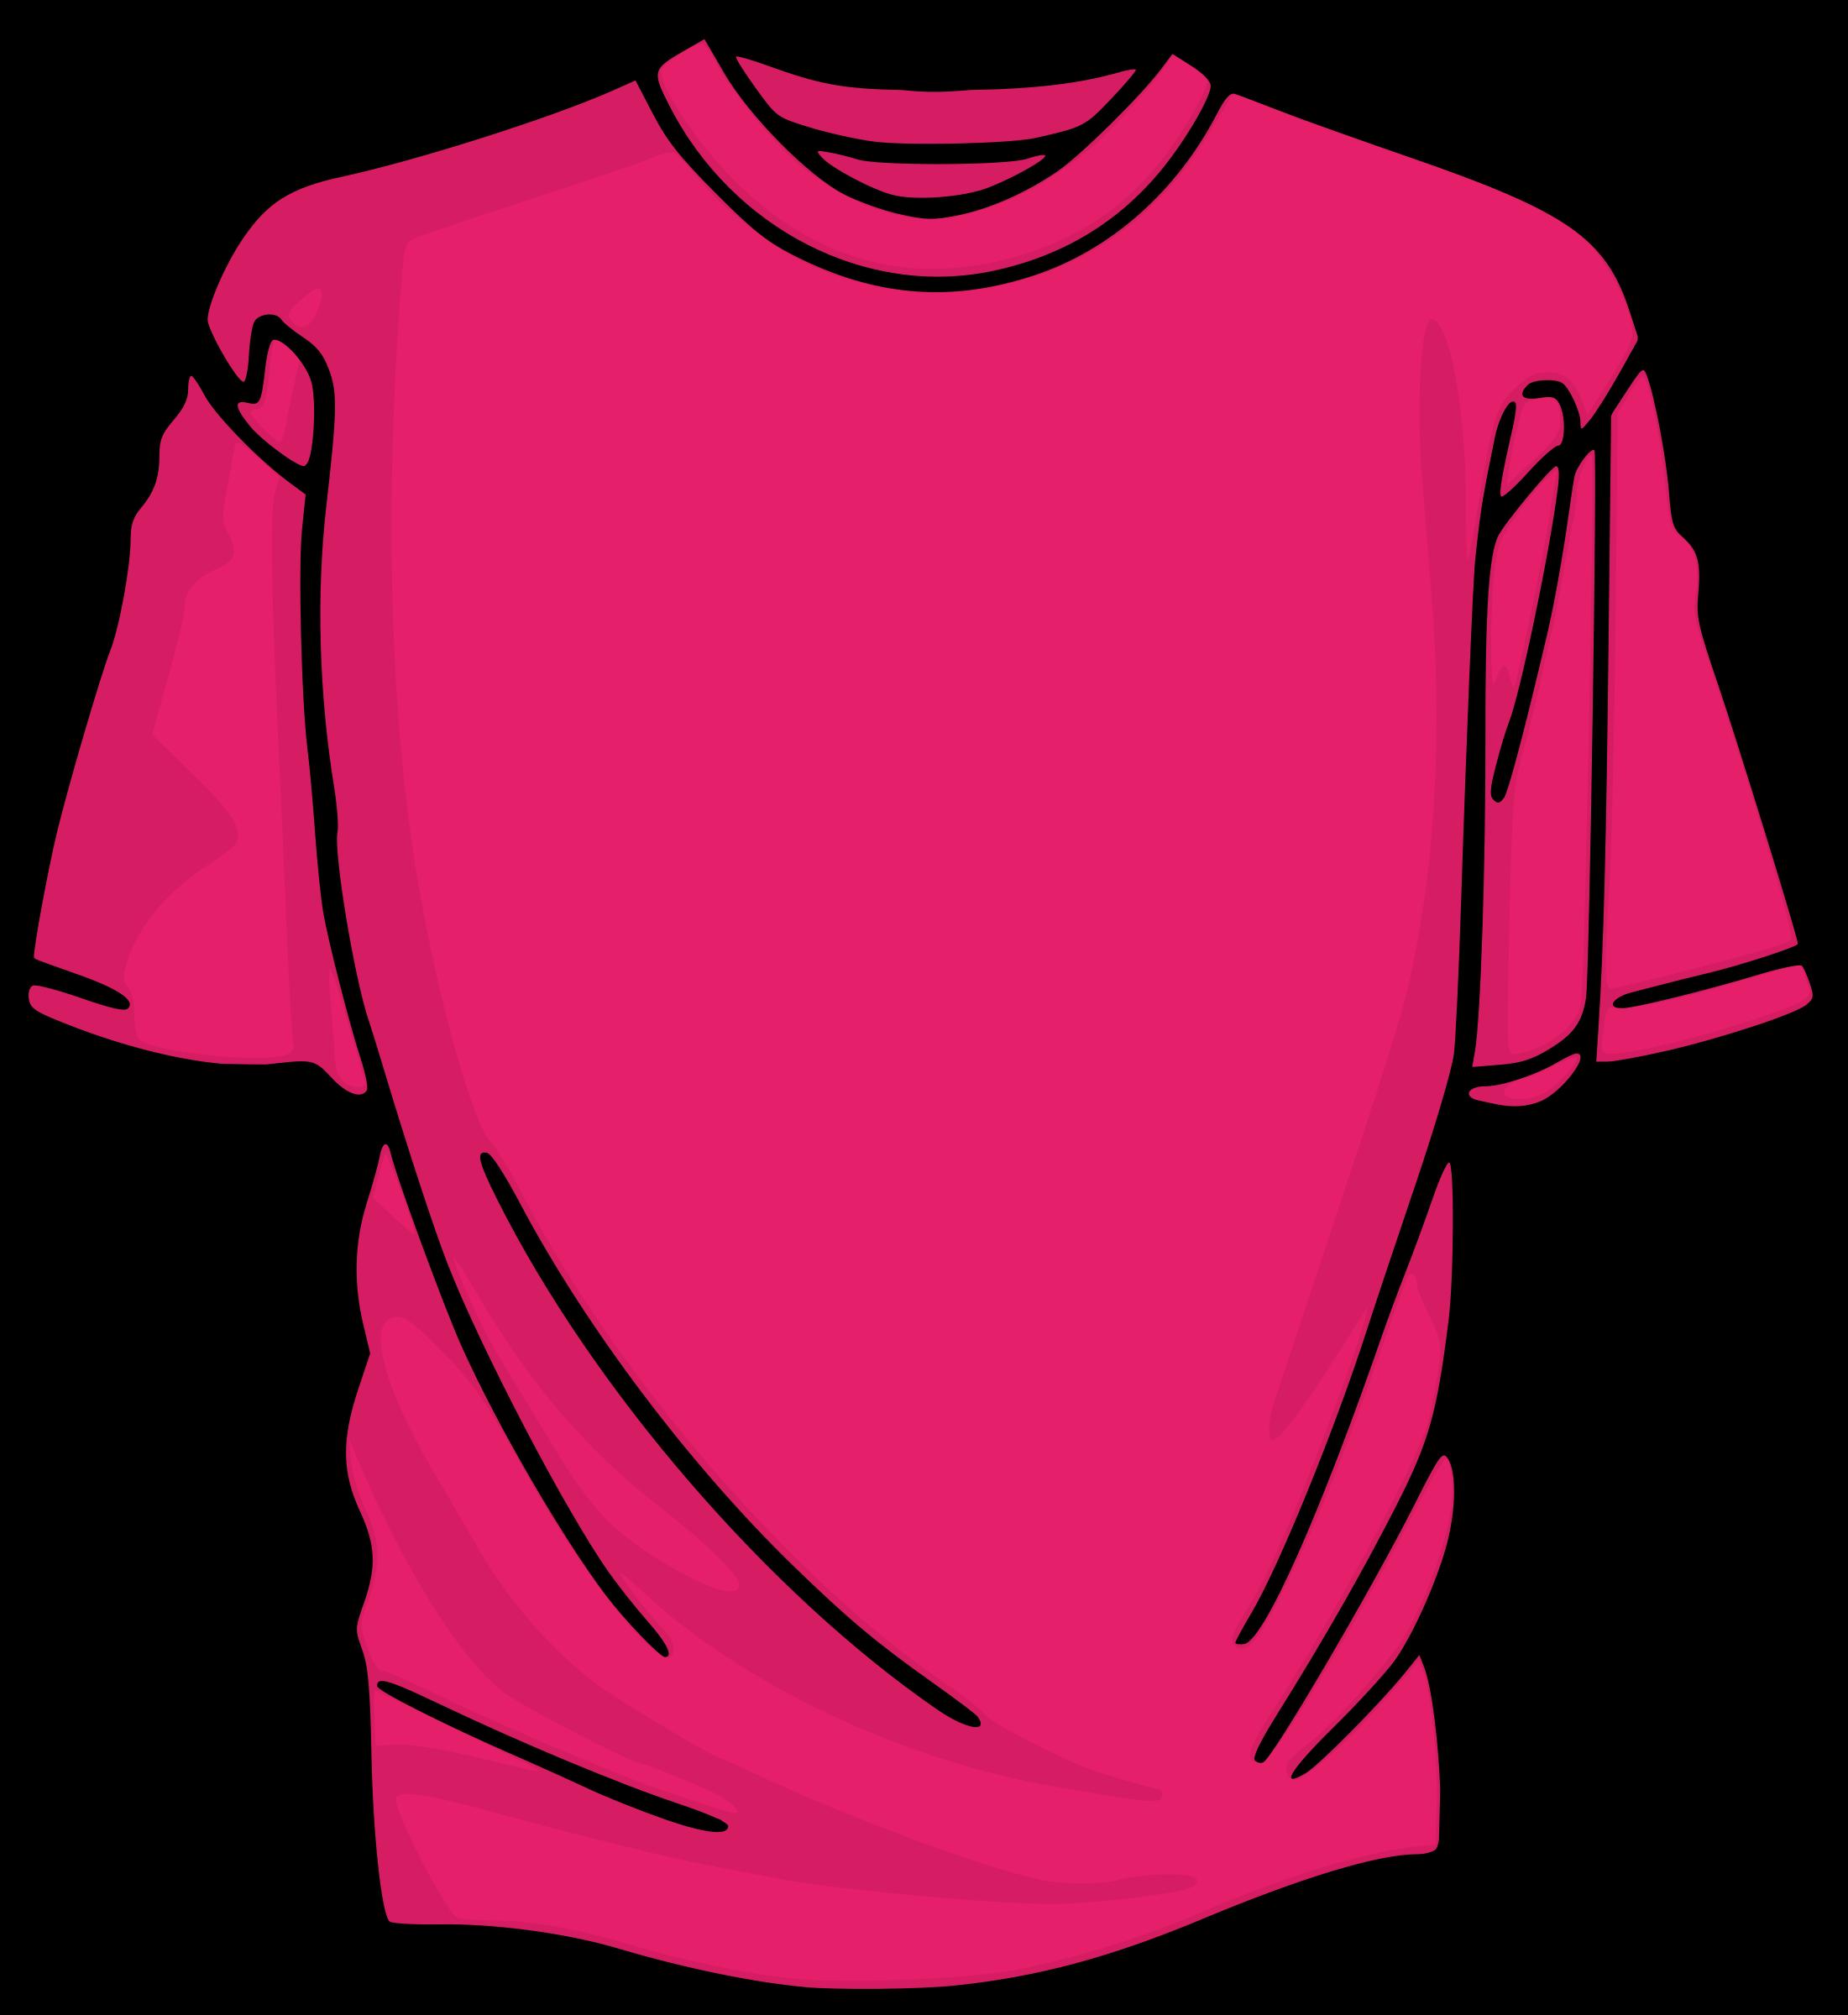 2201x2400 Shirt Clip Art